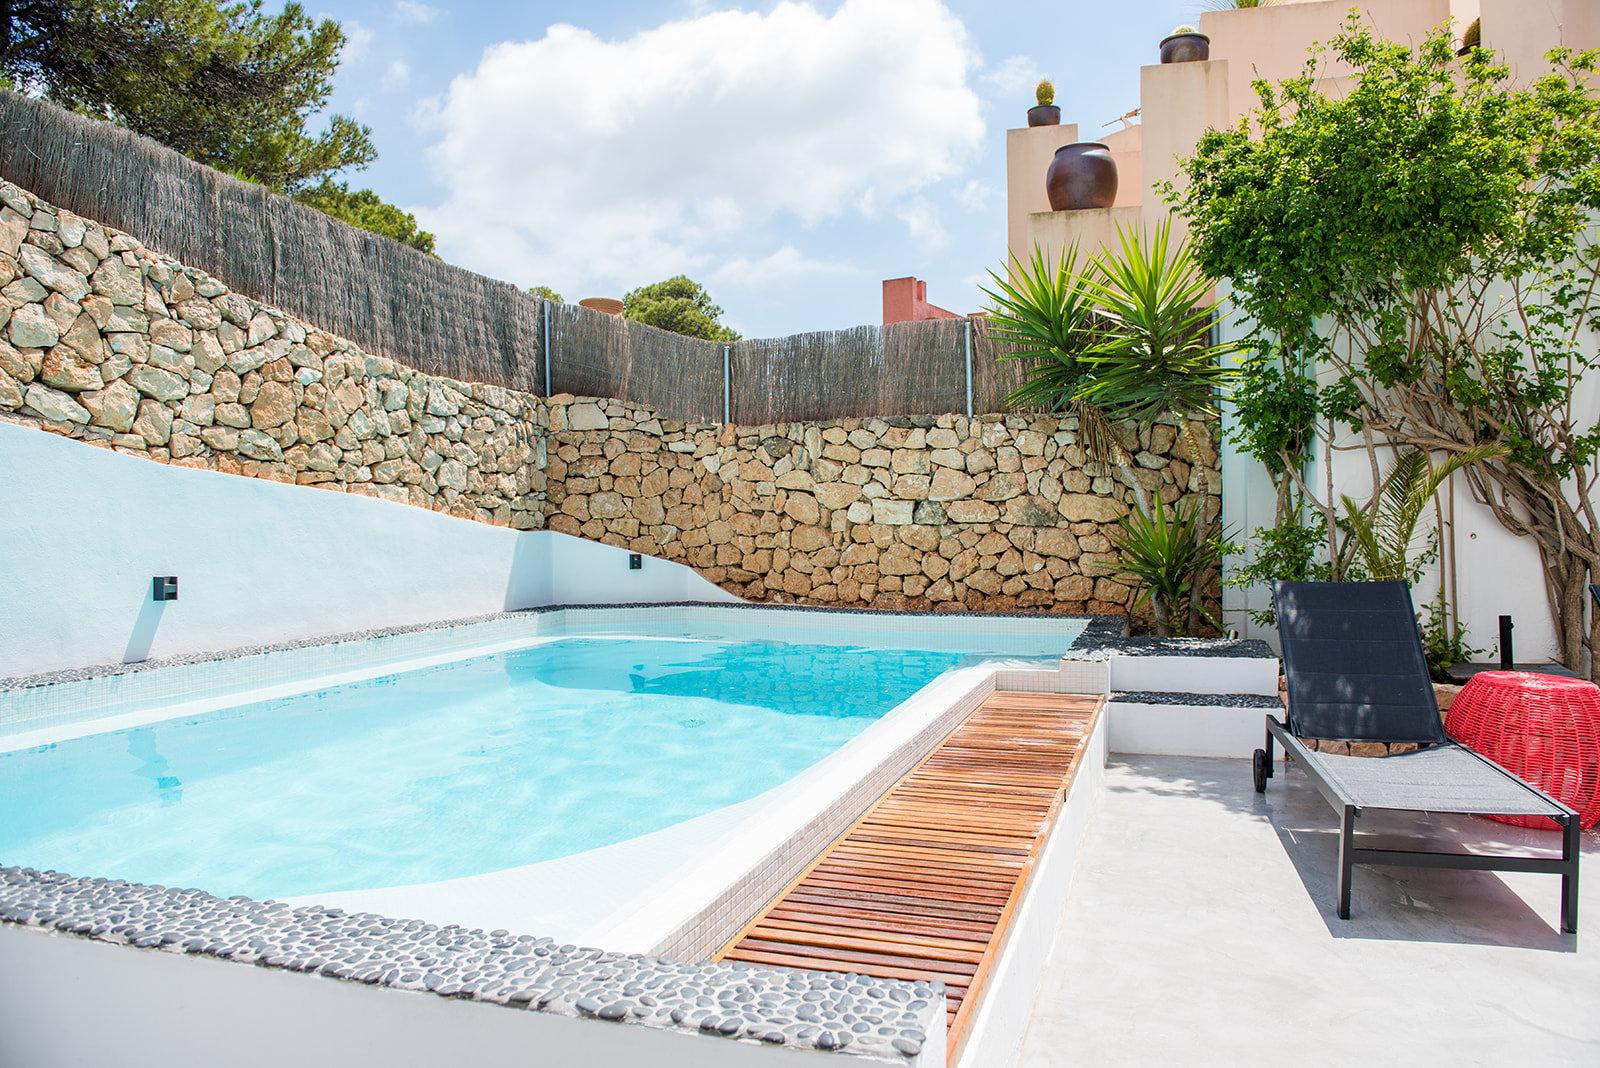 Vente Maison - Isla de Ibiza - Espagne